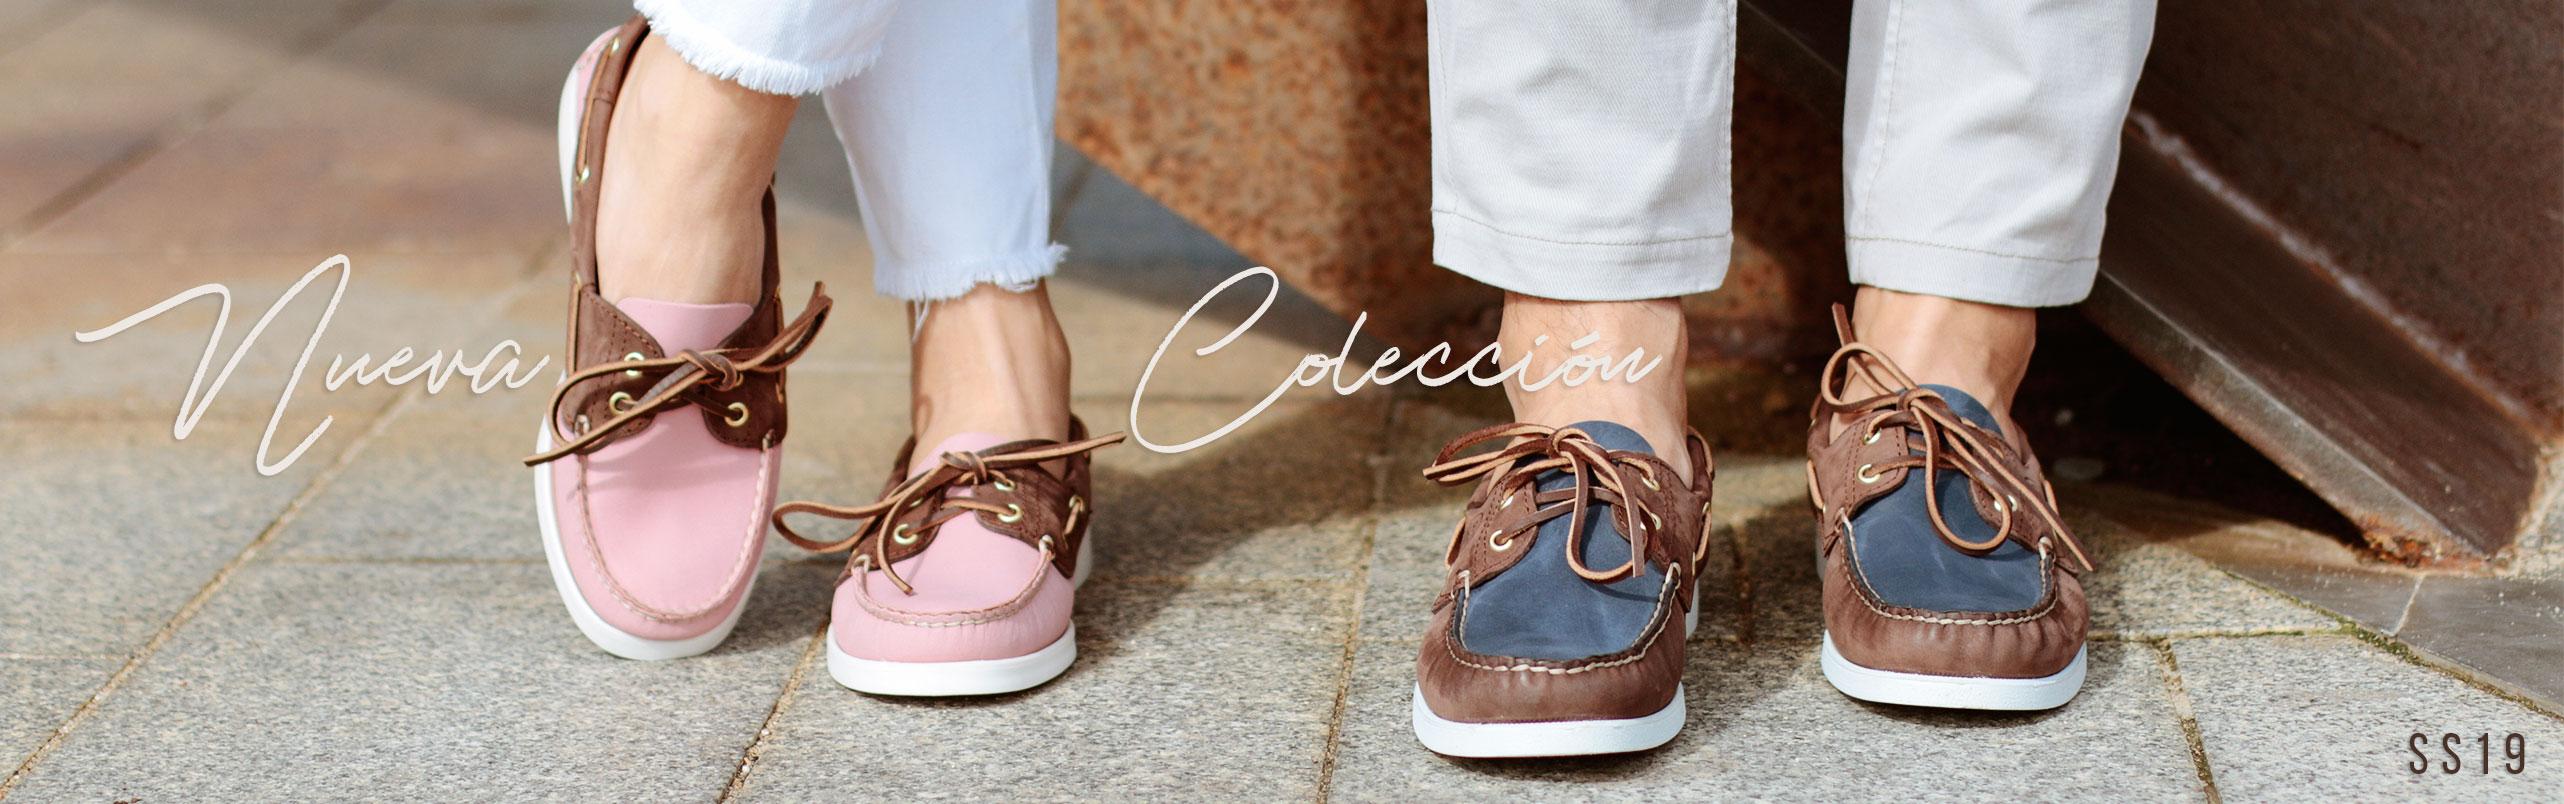 Nueva Colección Carrington Shoes